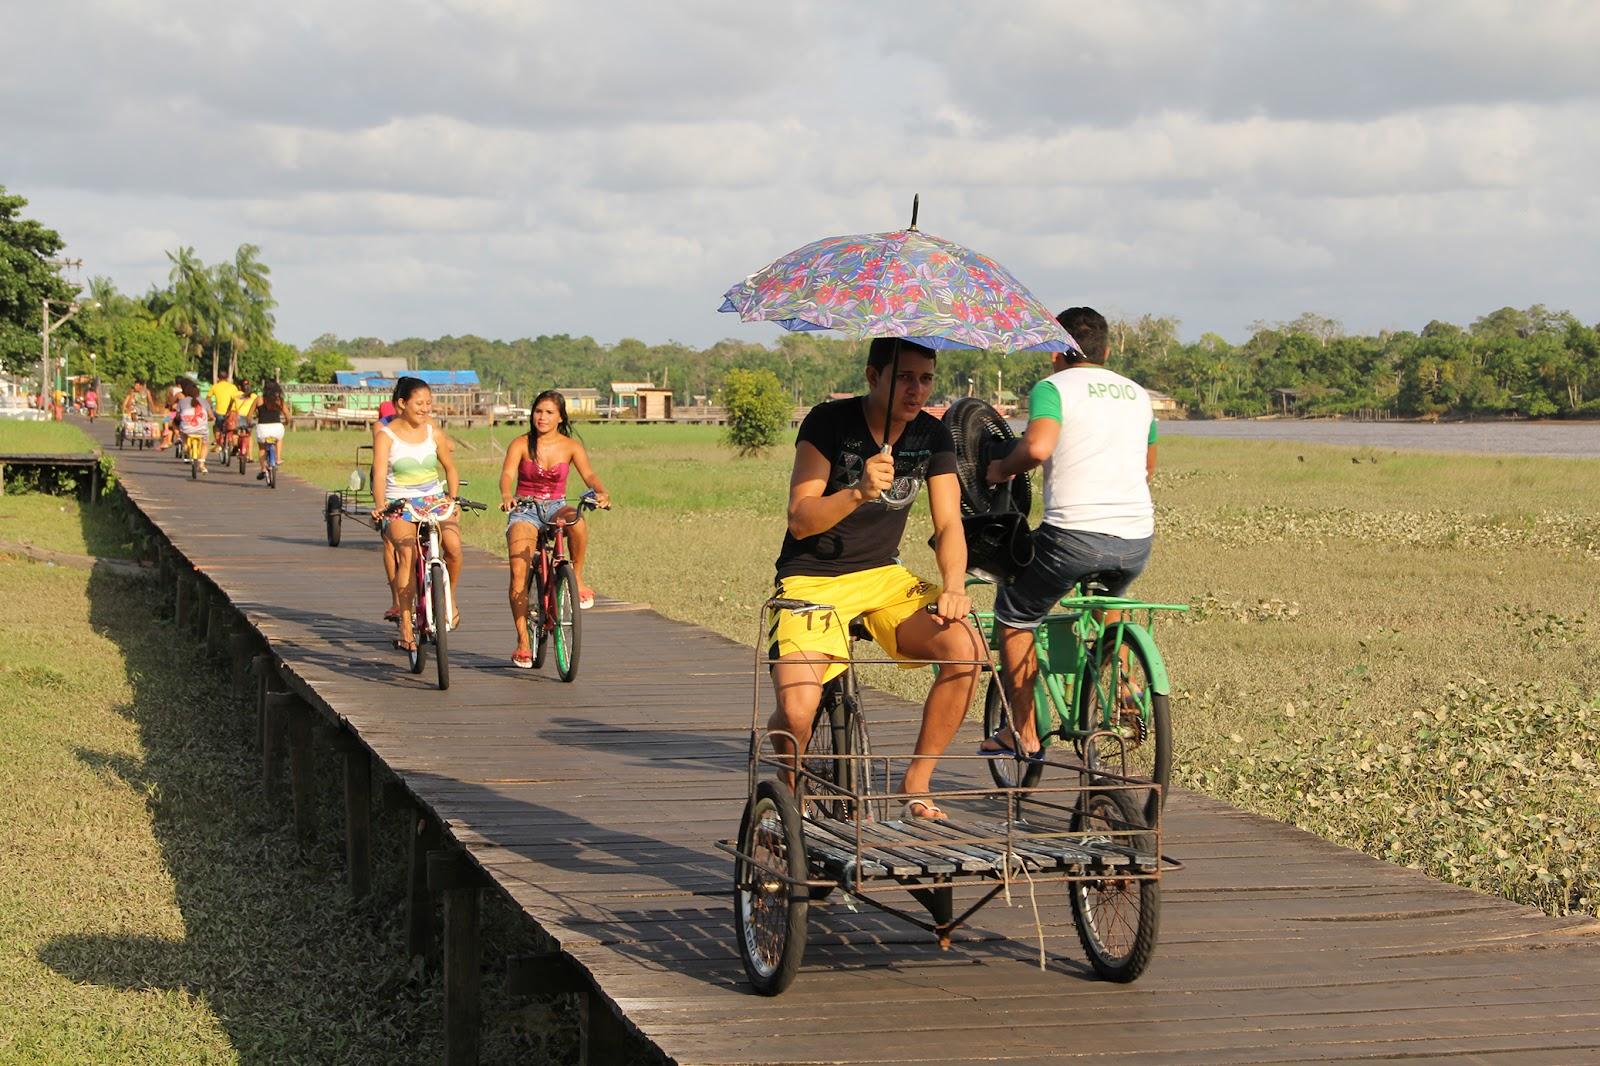 Somente bicicletas circulam pelas vias de Afuá. (PA). (Fonte: Iphan/Reprodução)